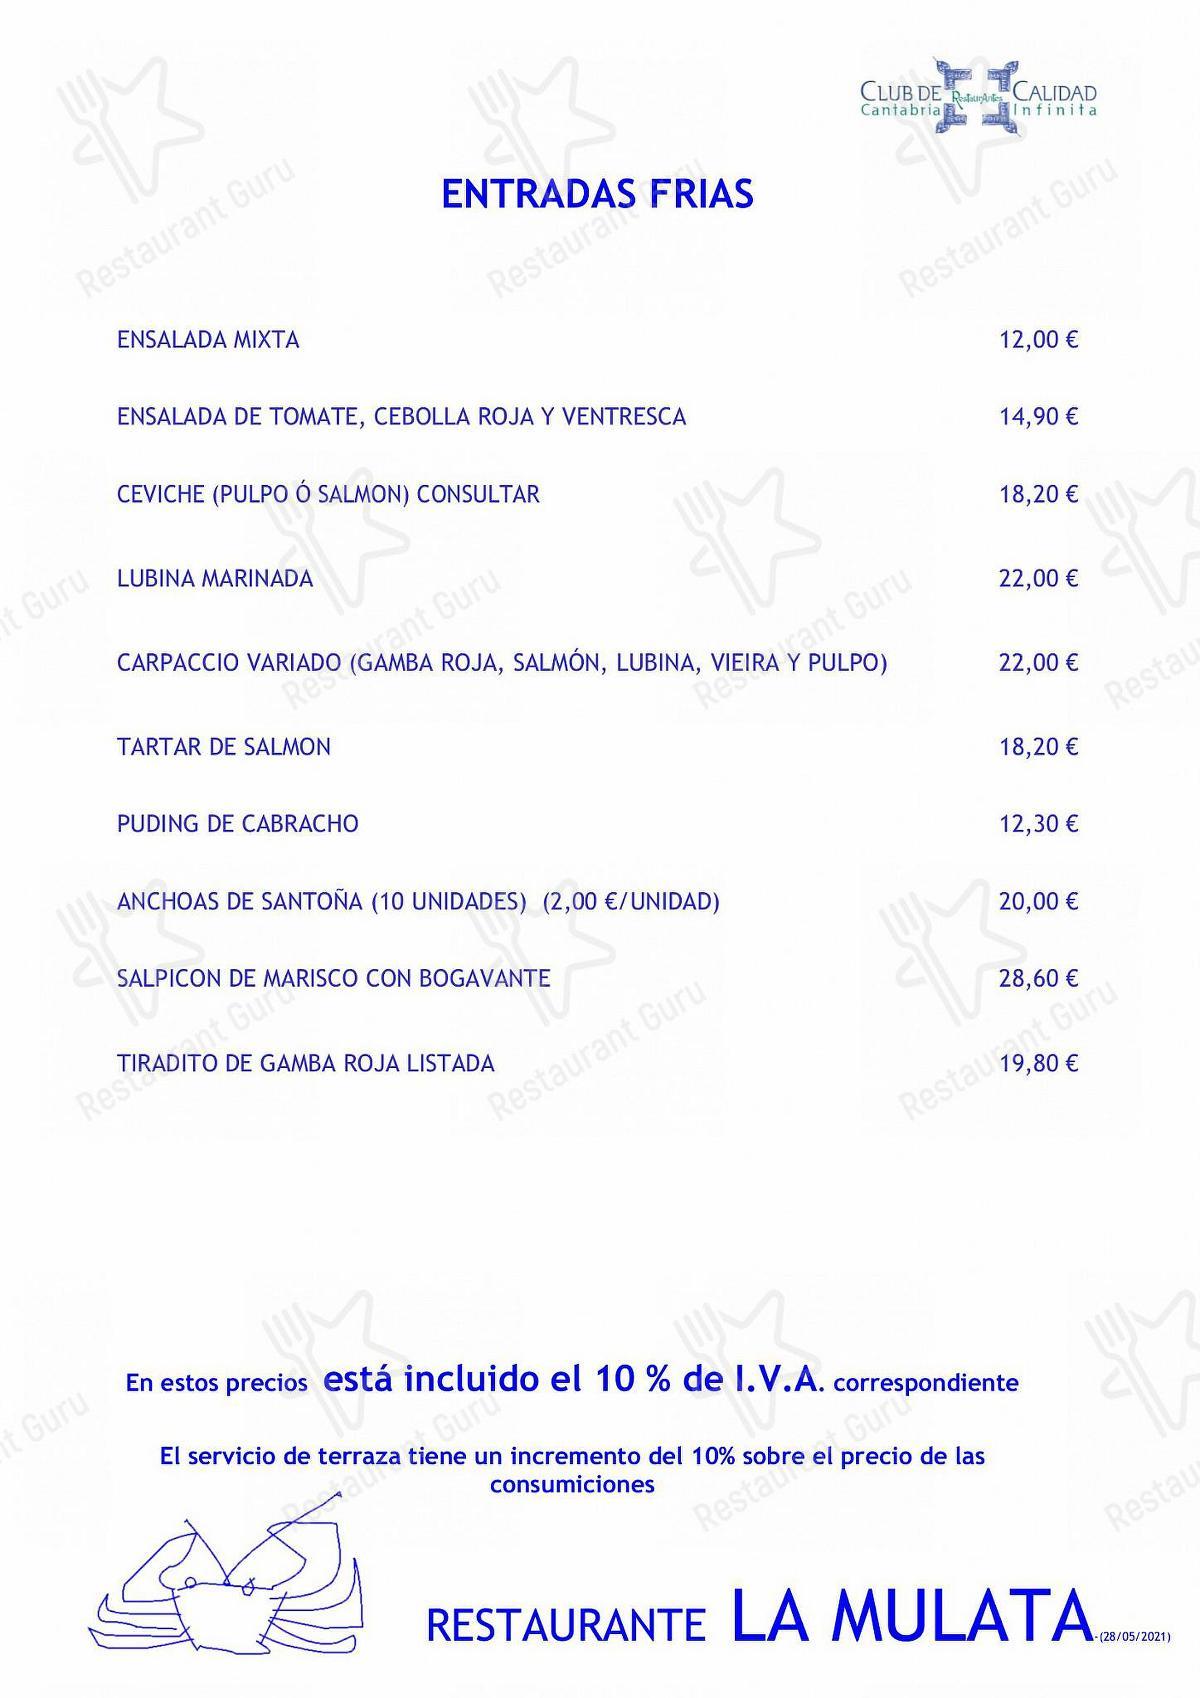 Меню La Mulata - еда и напитки